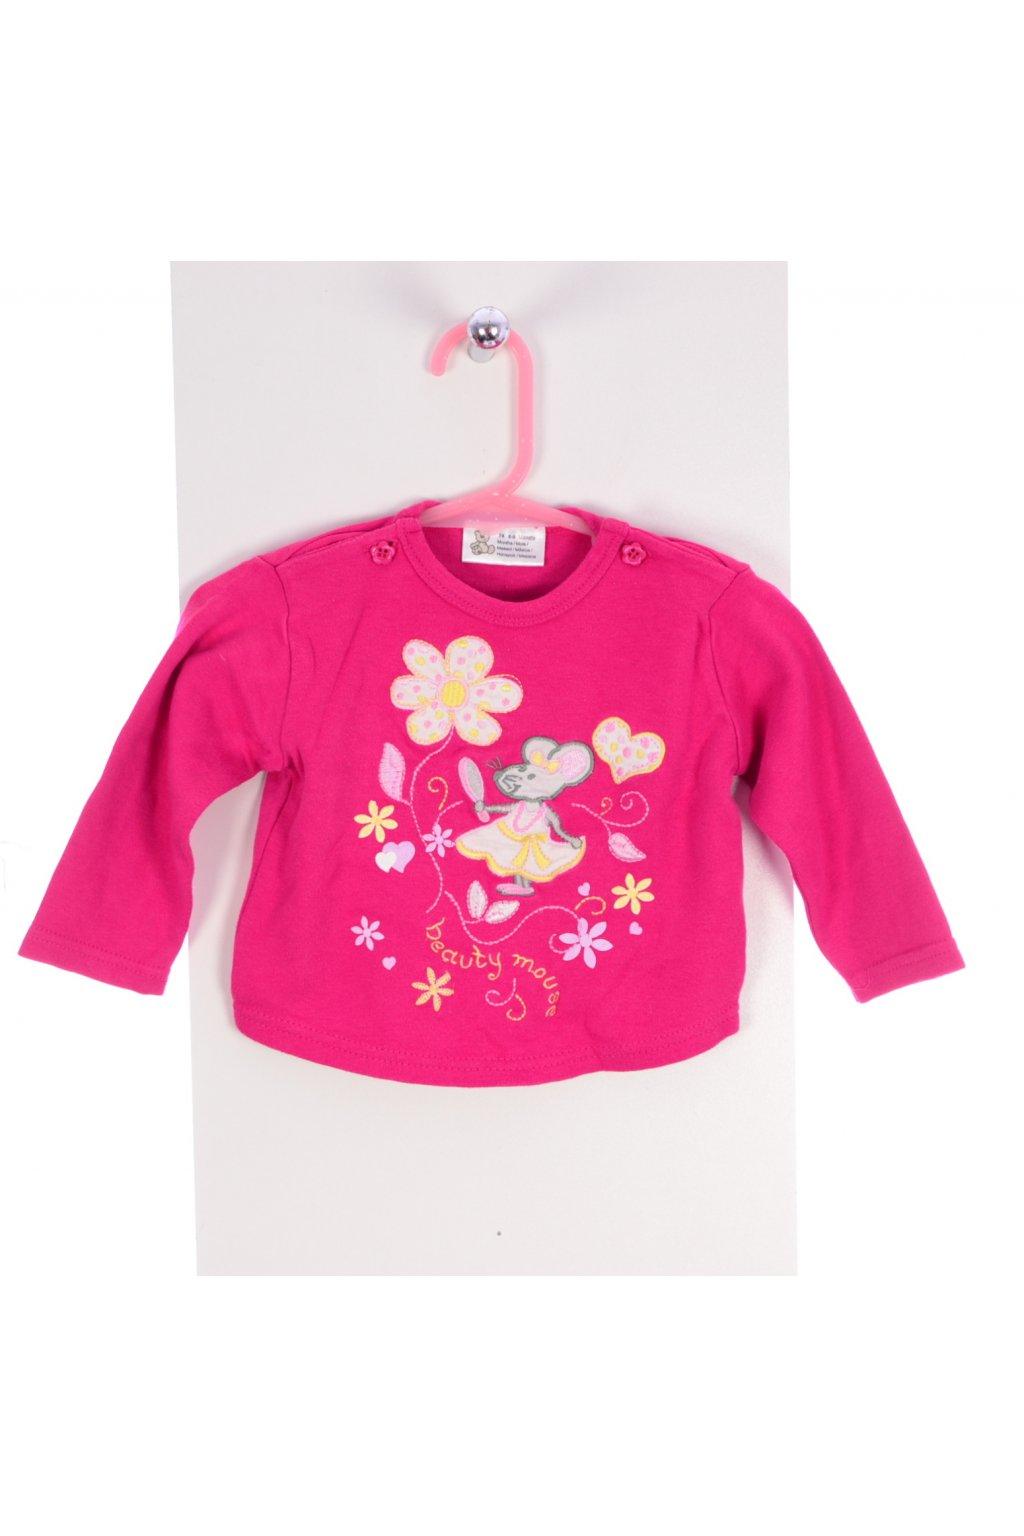 Tričko vel 74/6-9 měs růžové s myškou